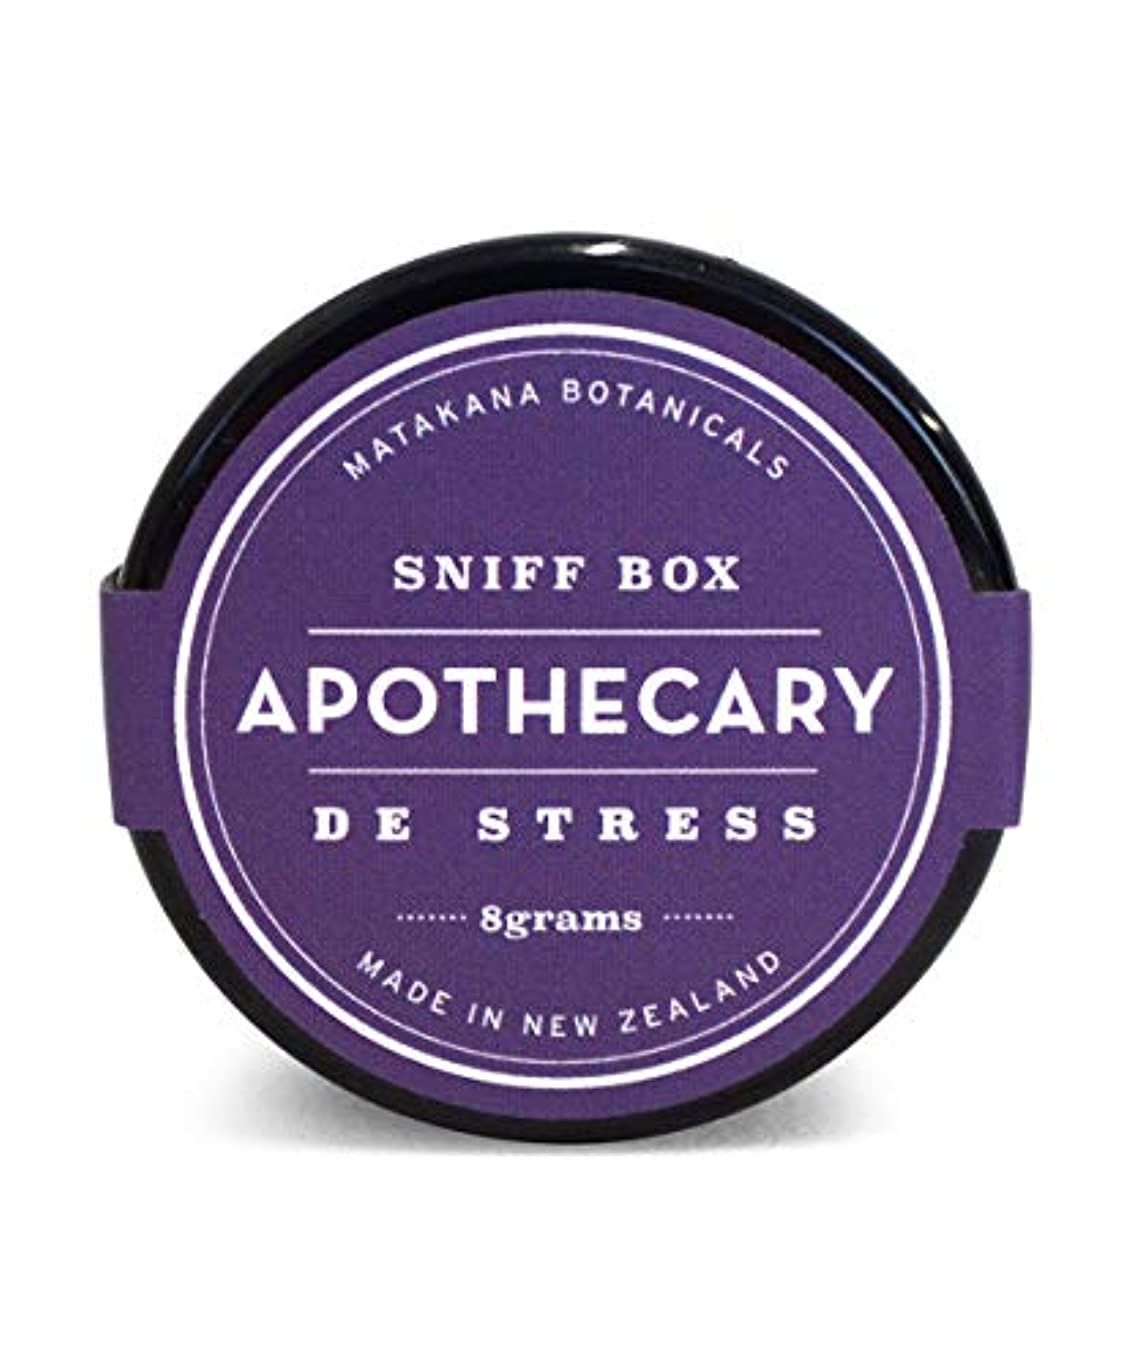 わかりやすい発見衣類APOTHECARY/スニフボックス デ ストレス アロマビーズ アロマ フレグランス 香り玉